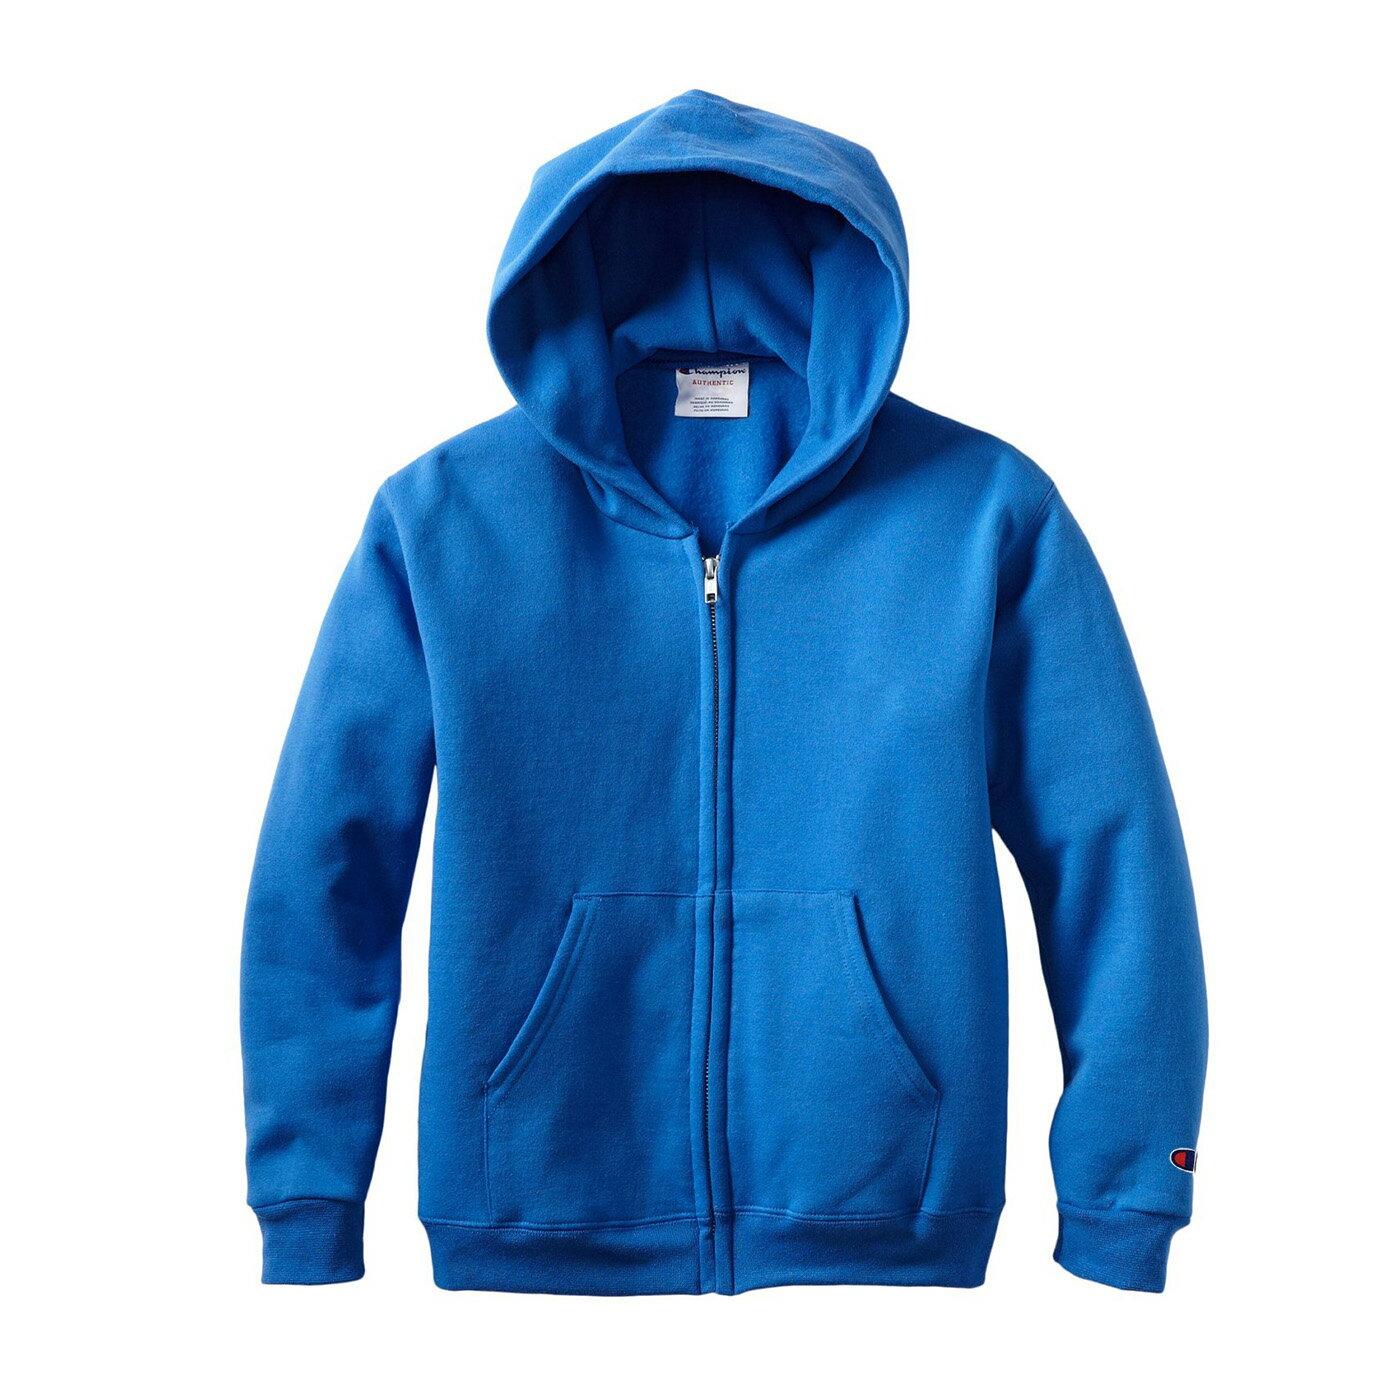 美國百分百【全新真品】Champion 冠軍 棉質 連帽 外套 長袖 刷毛 上衣 藍色 S號 特價 F840